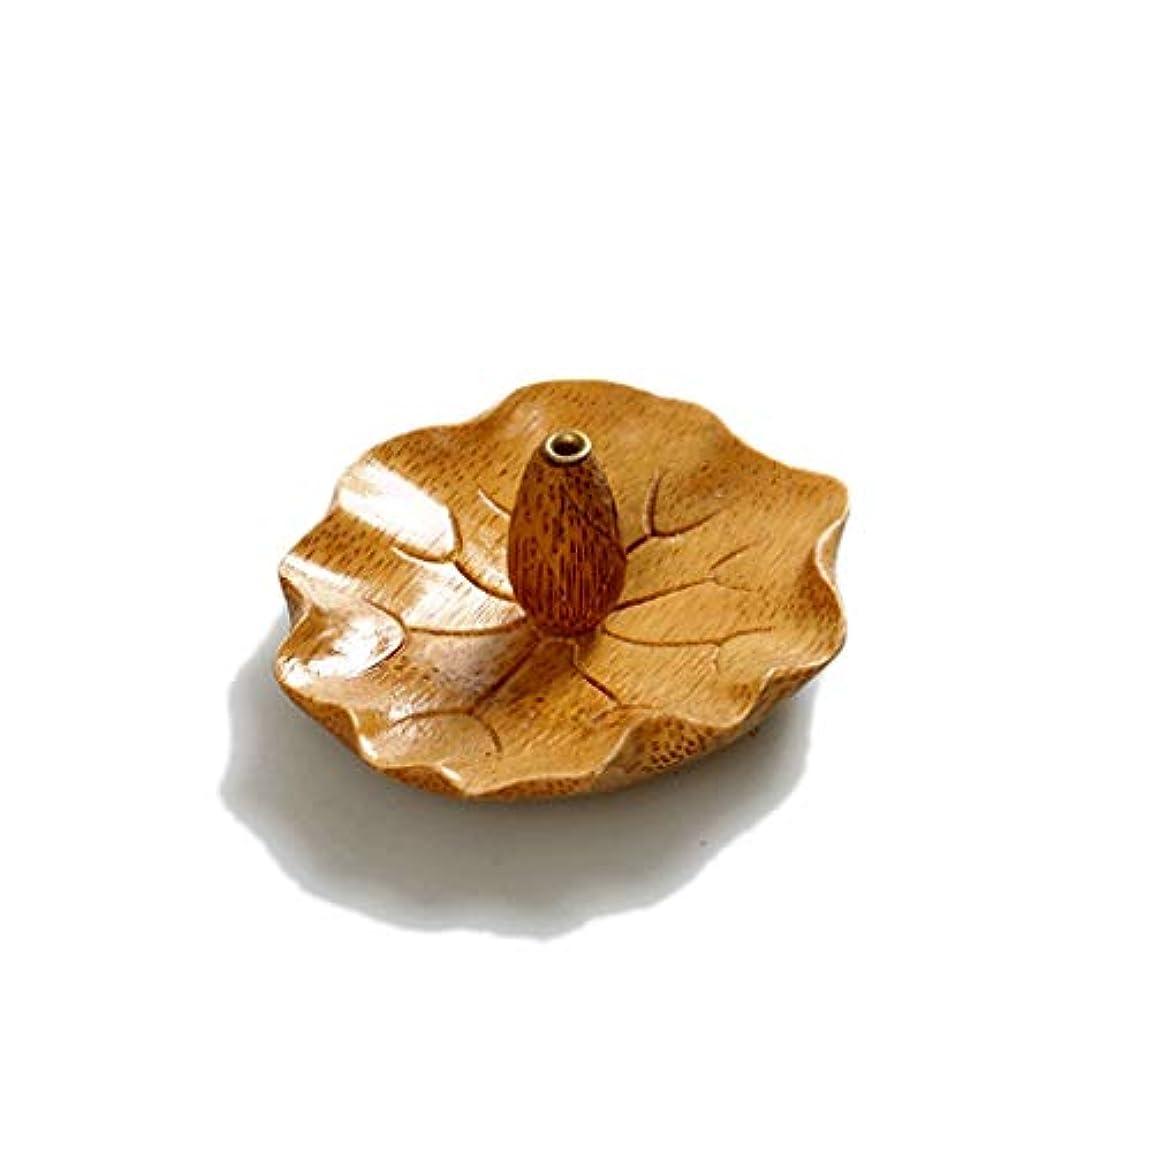 コンクリート方法短命クリエイティブ竹香ホルダー瞑想香バーナー手作りの葉形の家の装飾香スティックコーンバーナーホルダー (Color : C)